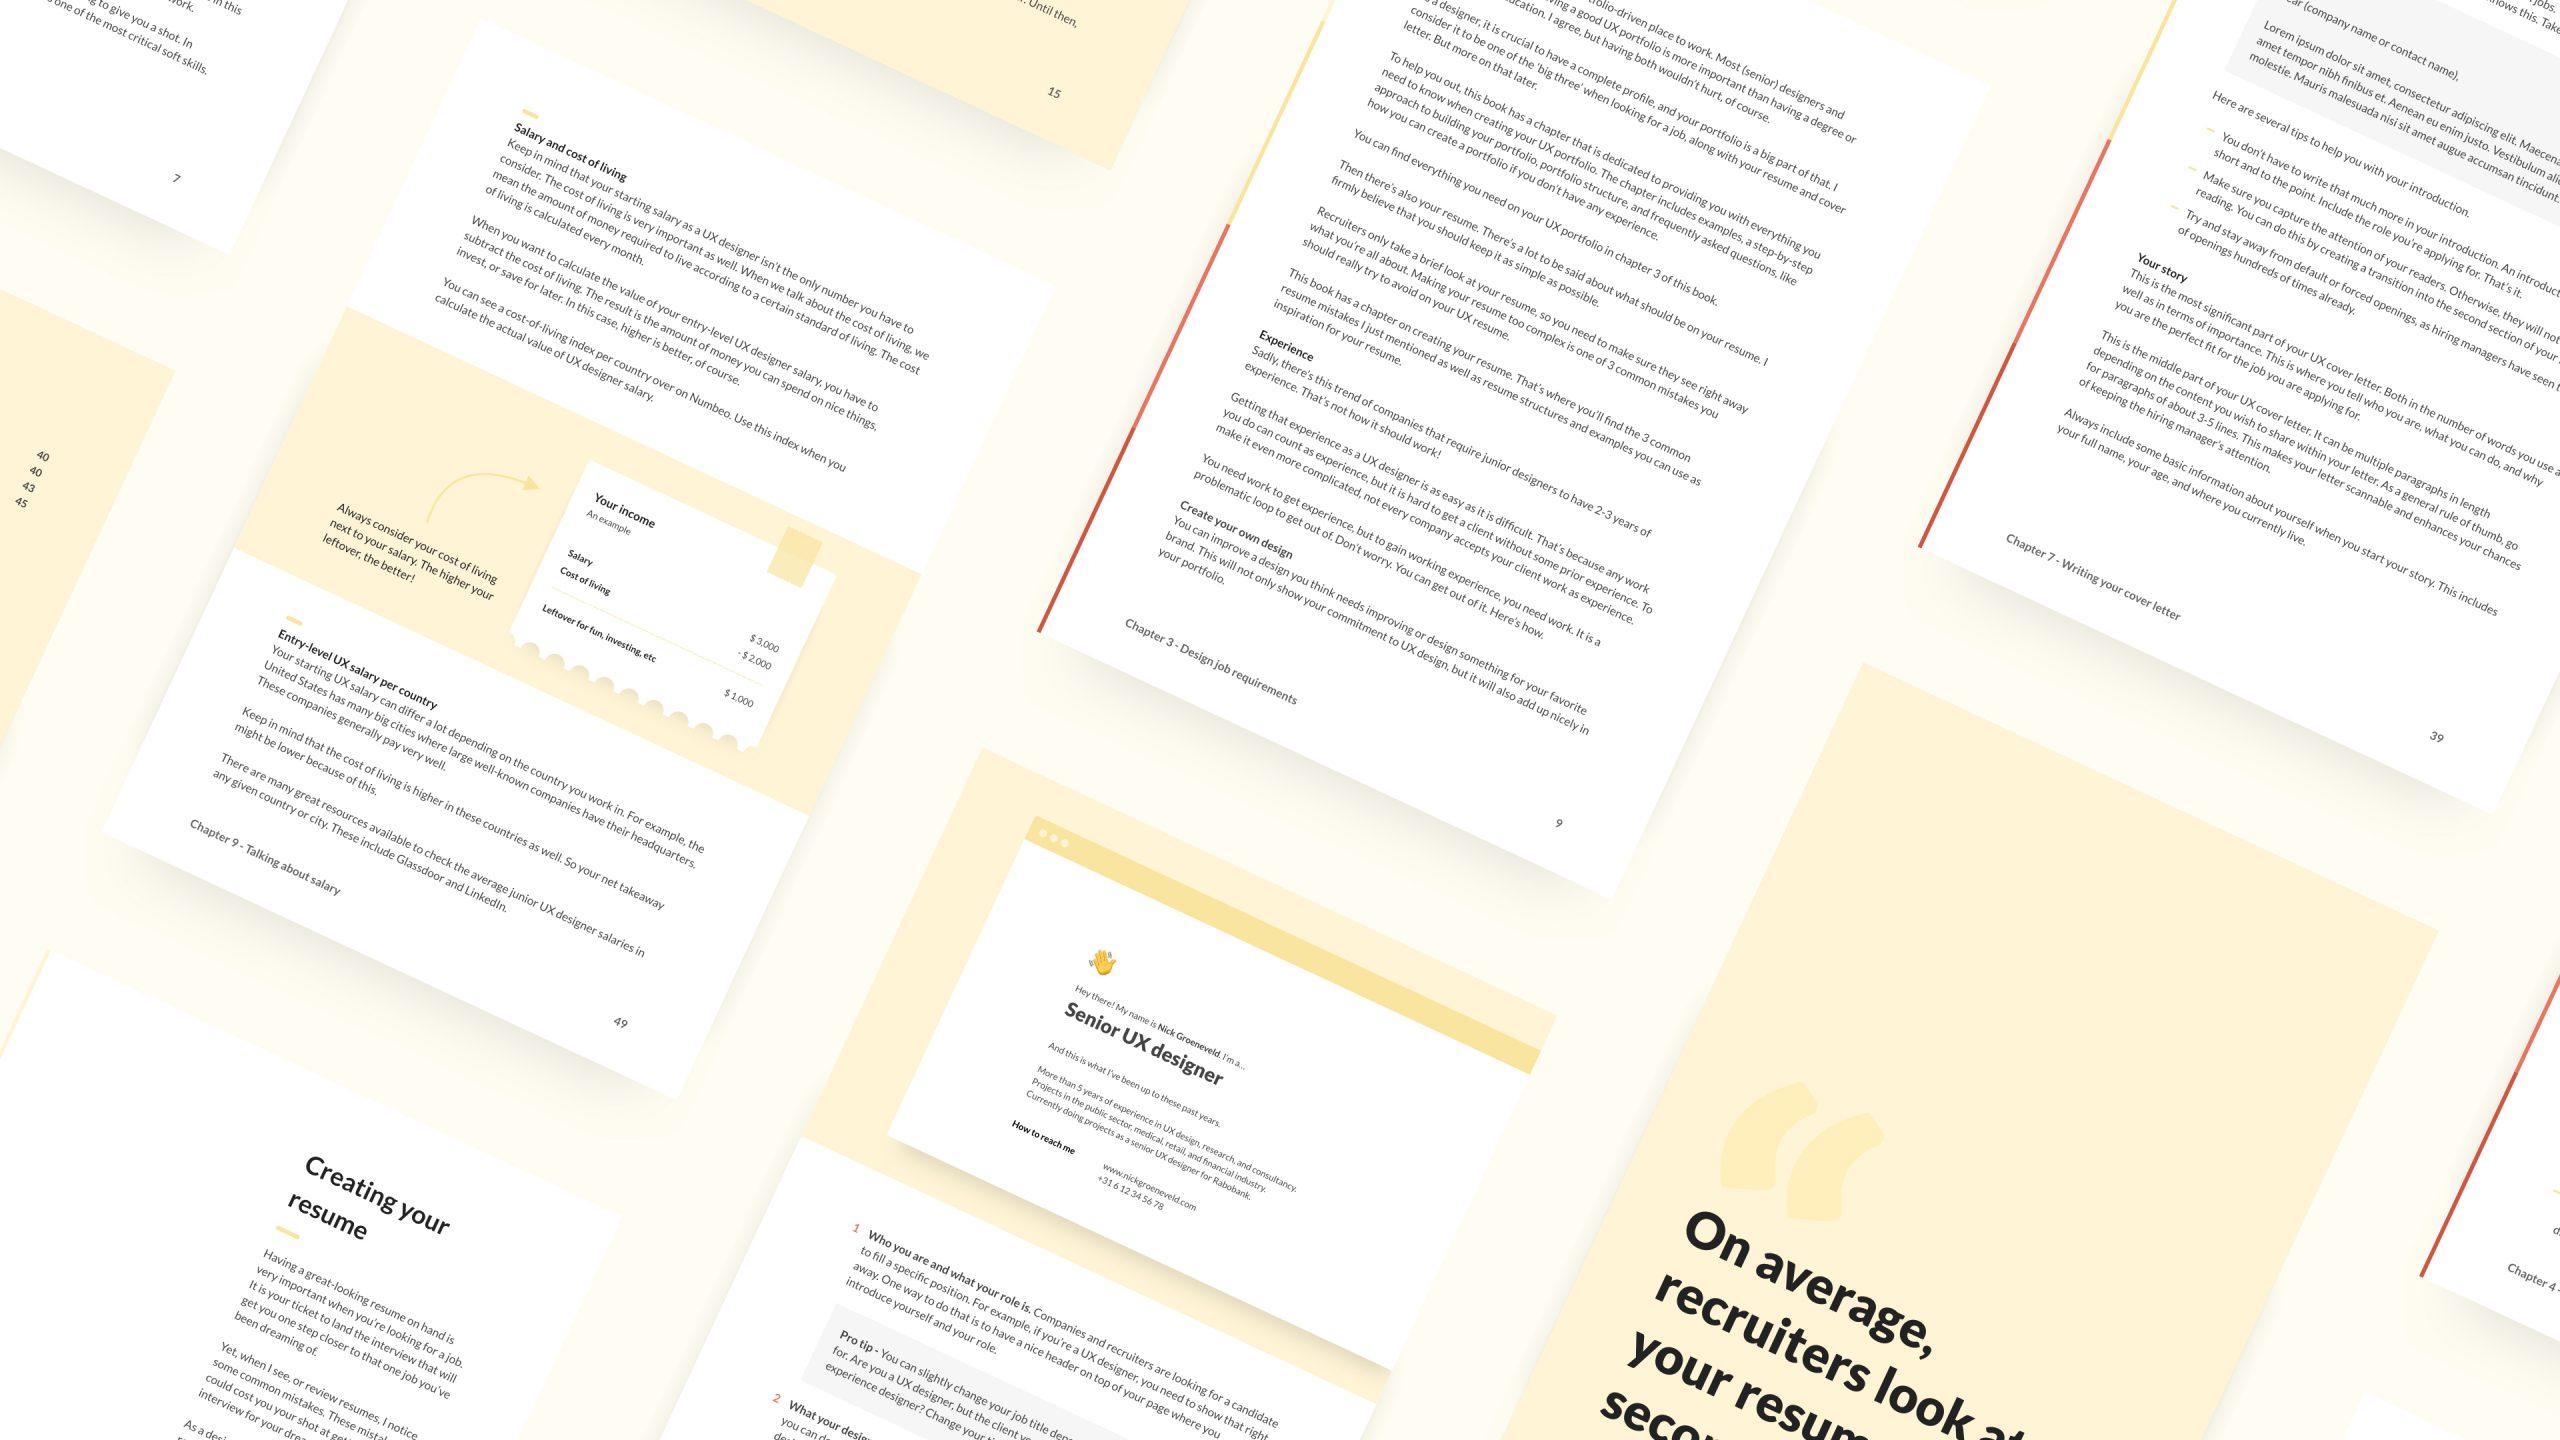 UX Jobs Handbook overview